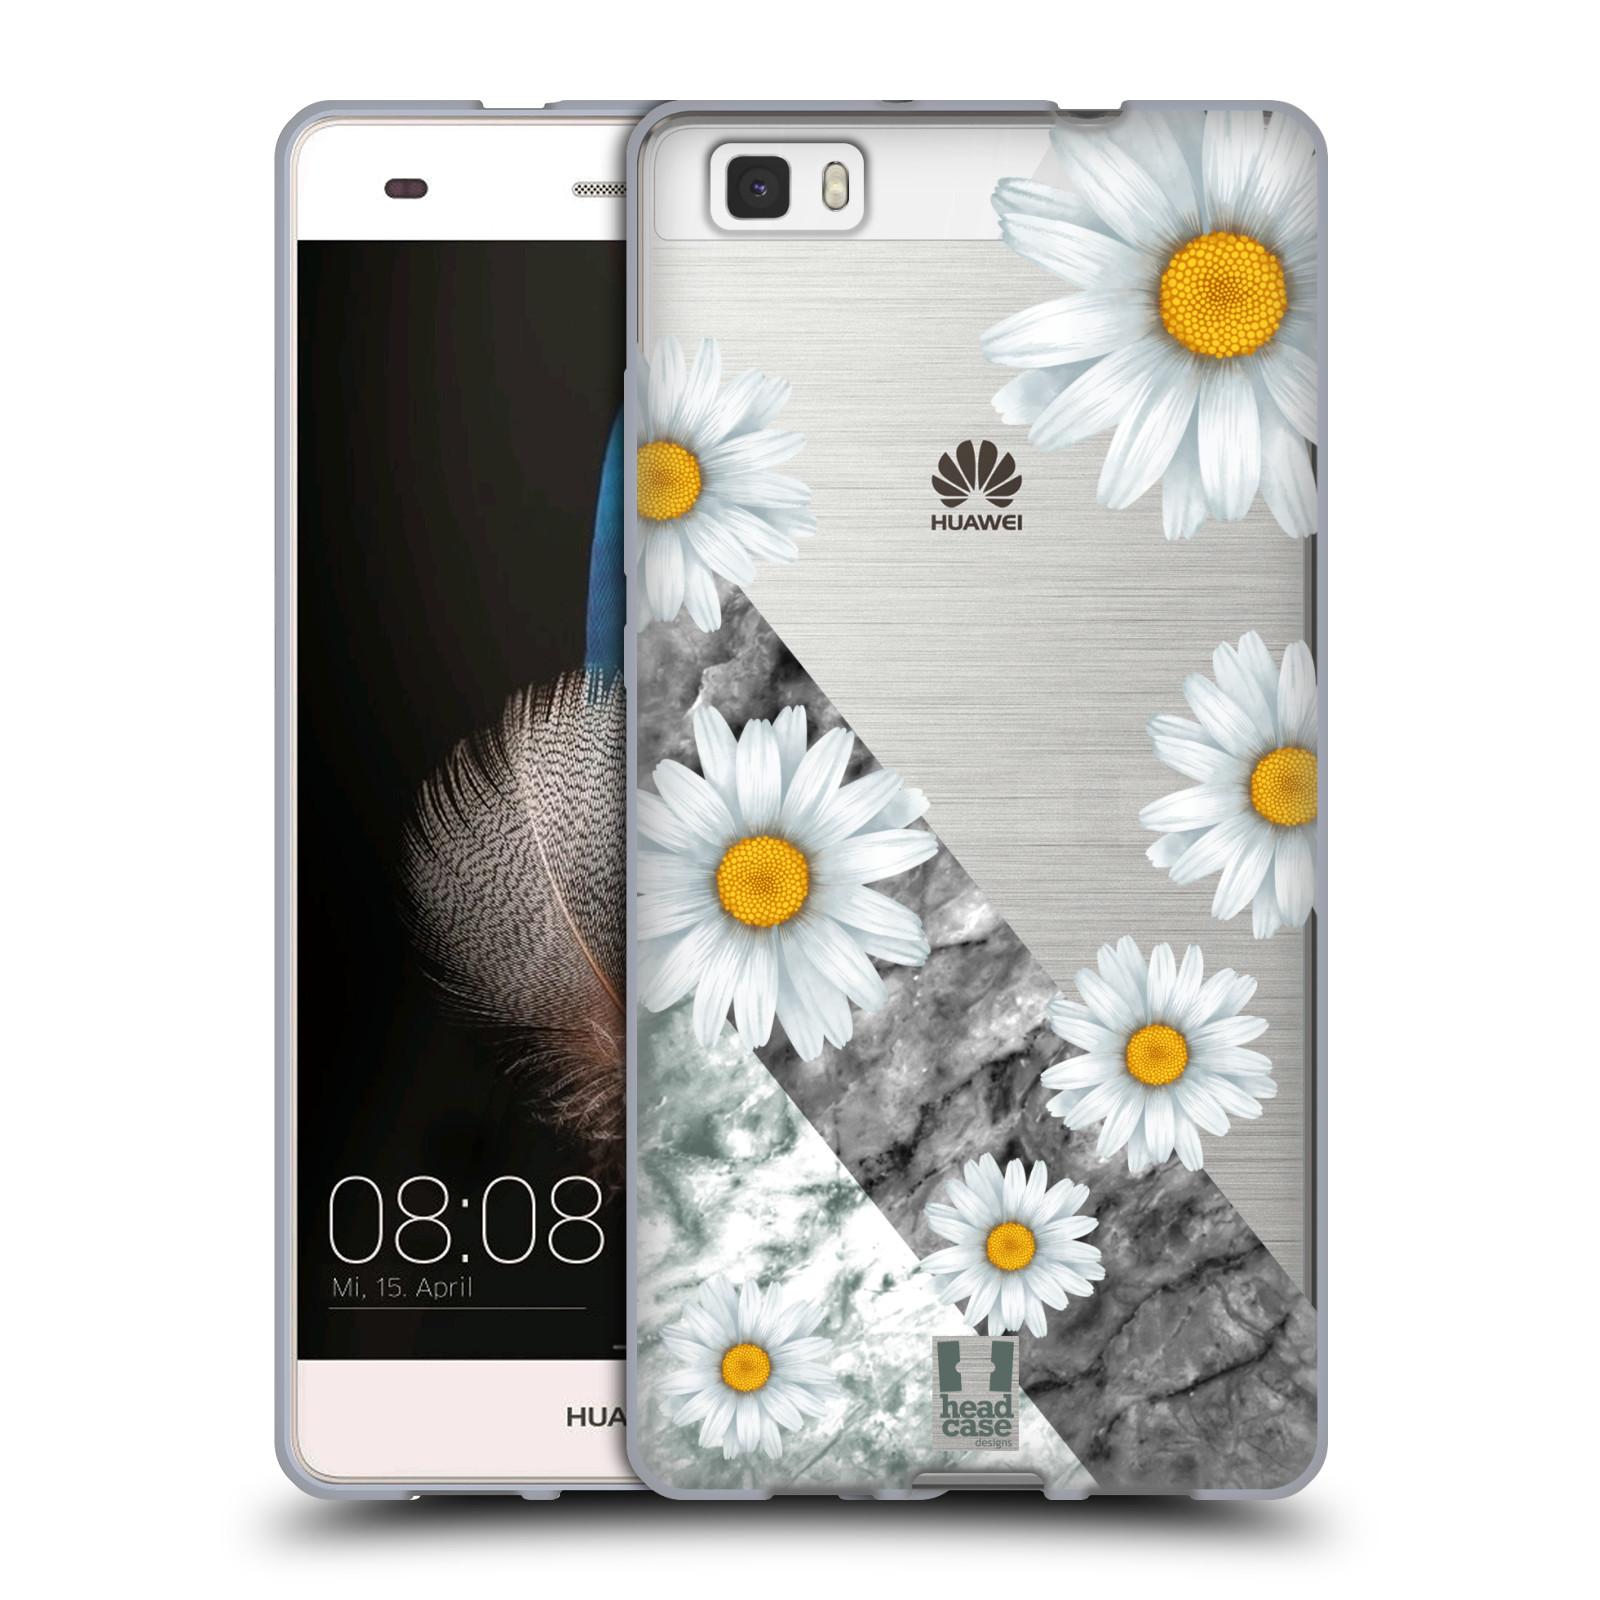 Silikonové pouzdro na mobil Huawei P8 Lite - Head Case - Kopretiny a mramor